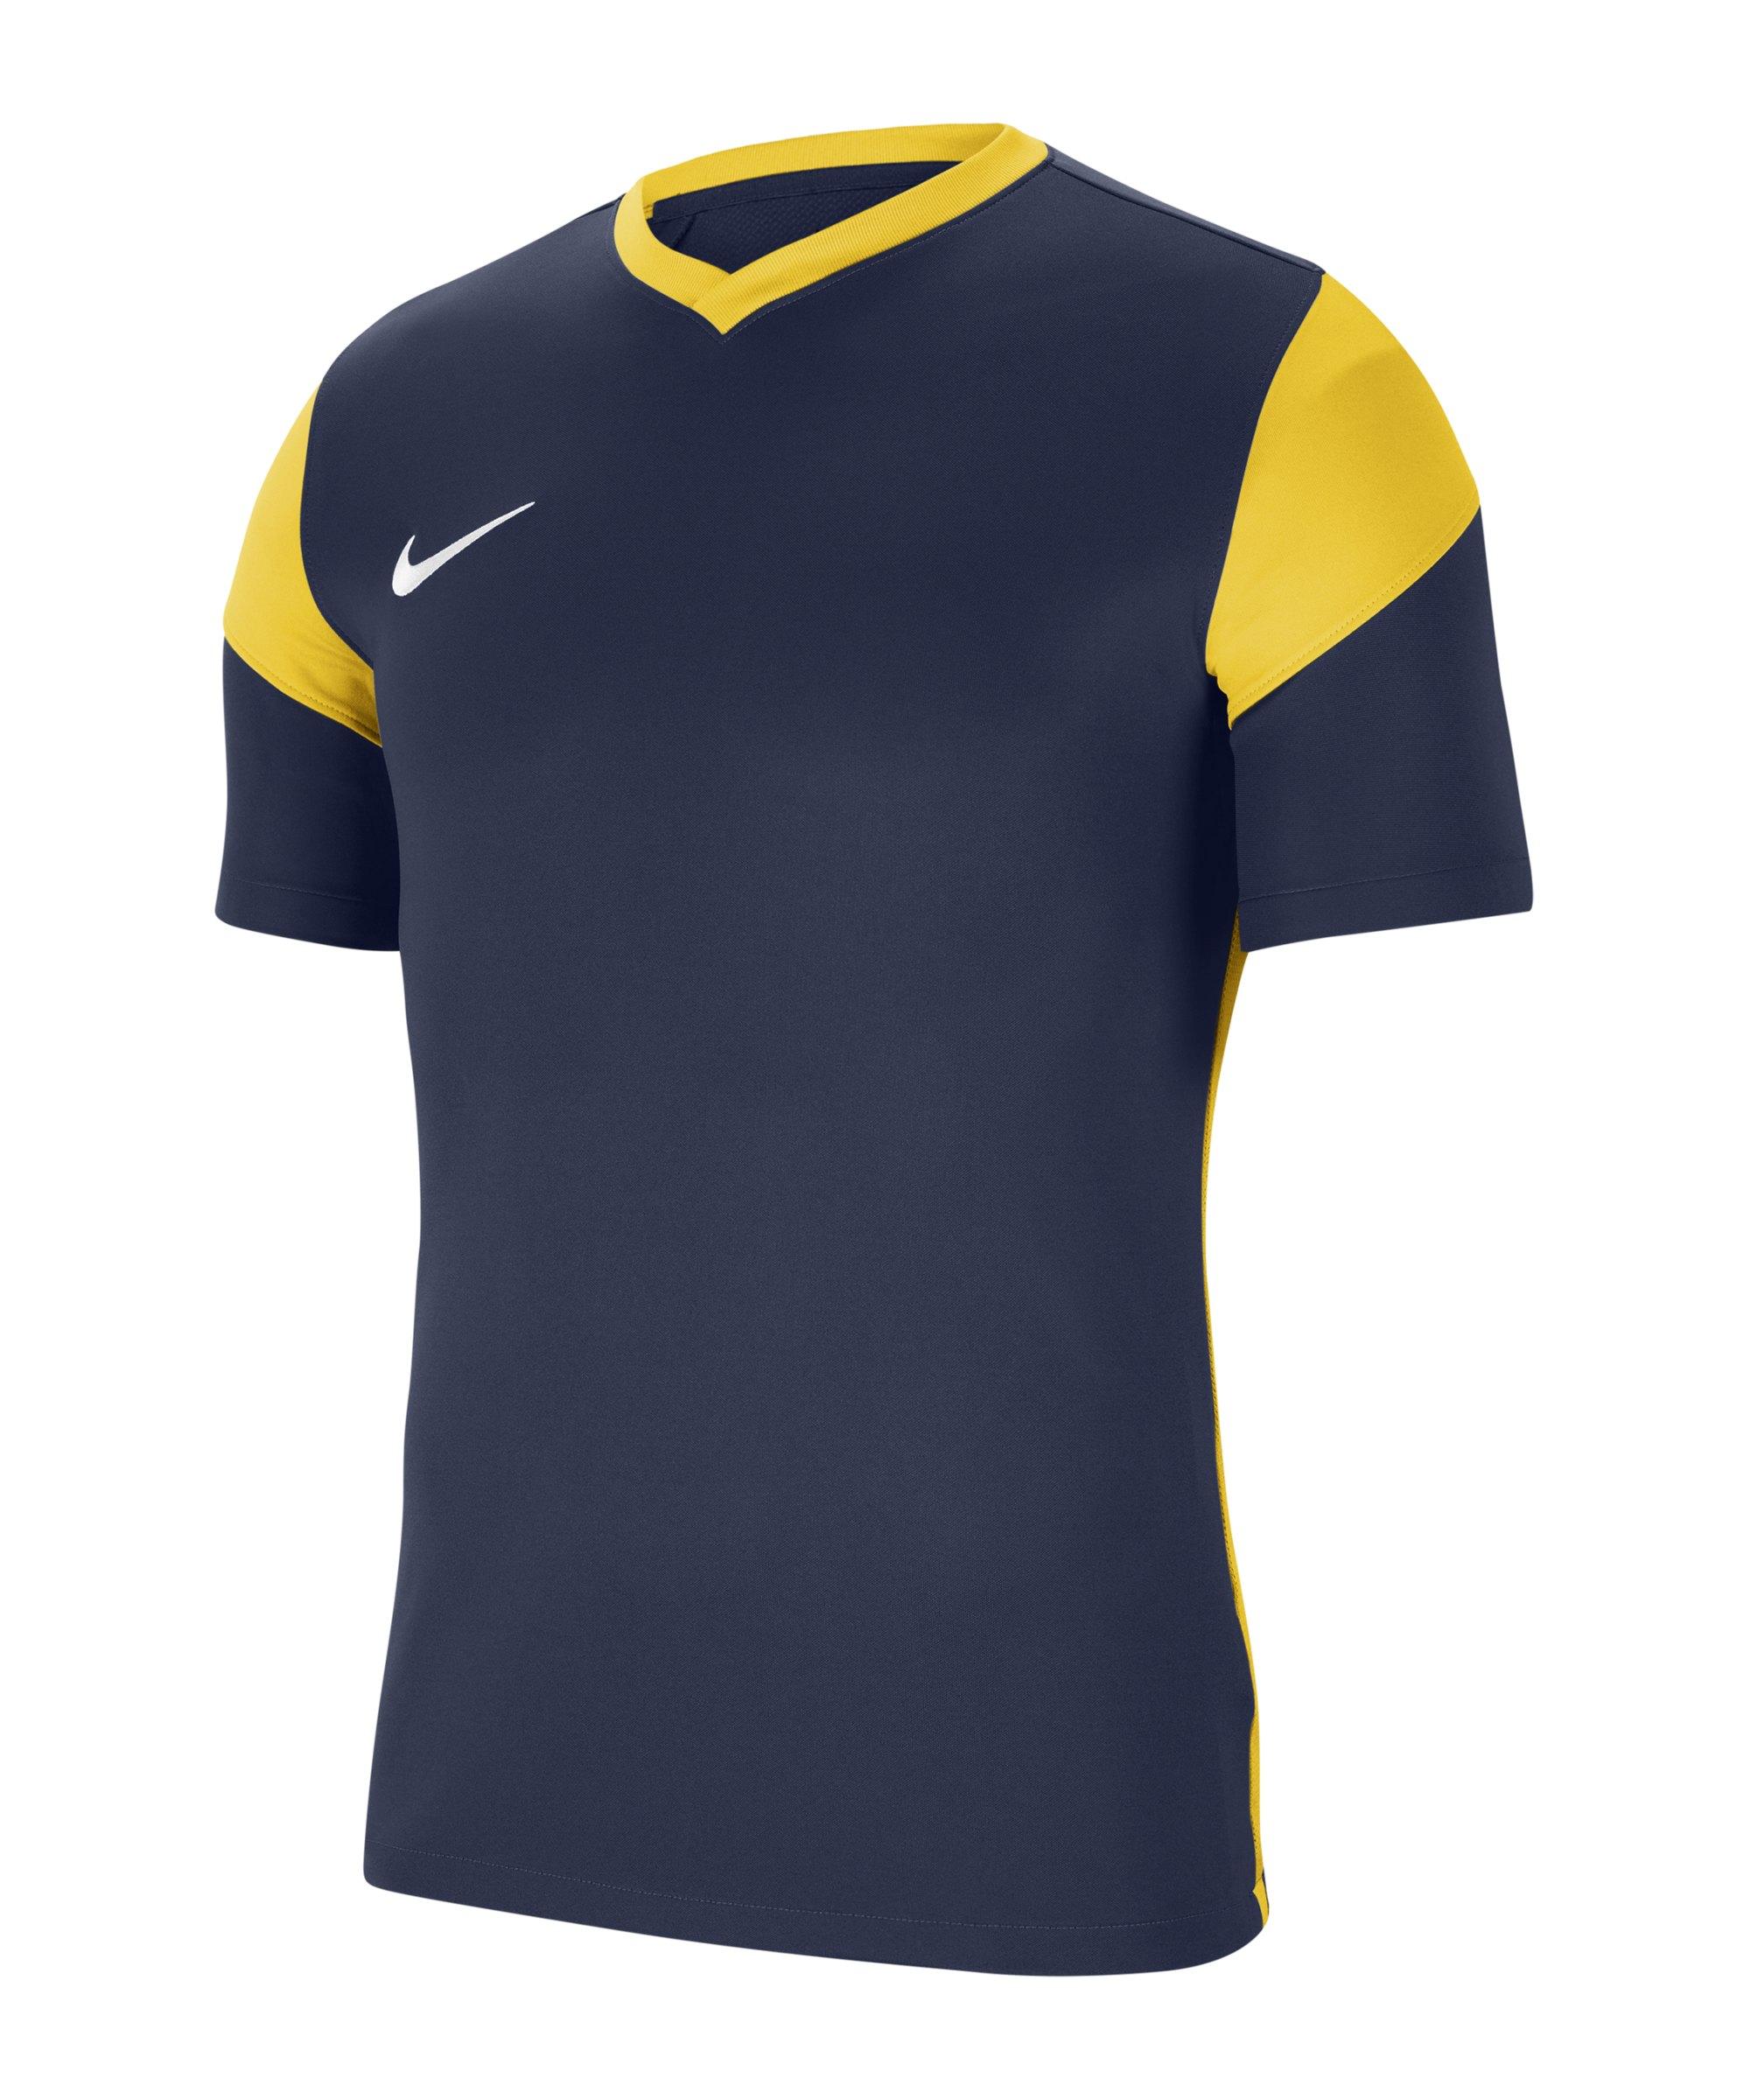 Nike Park Derby III Trikot Blau Gelb F410 - blau